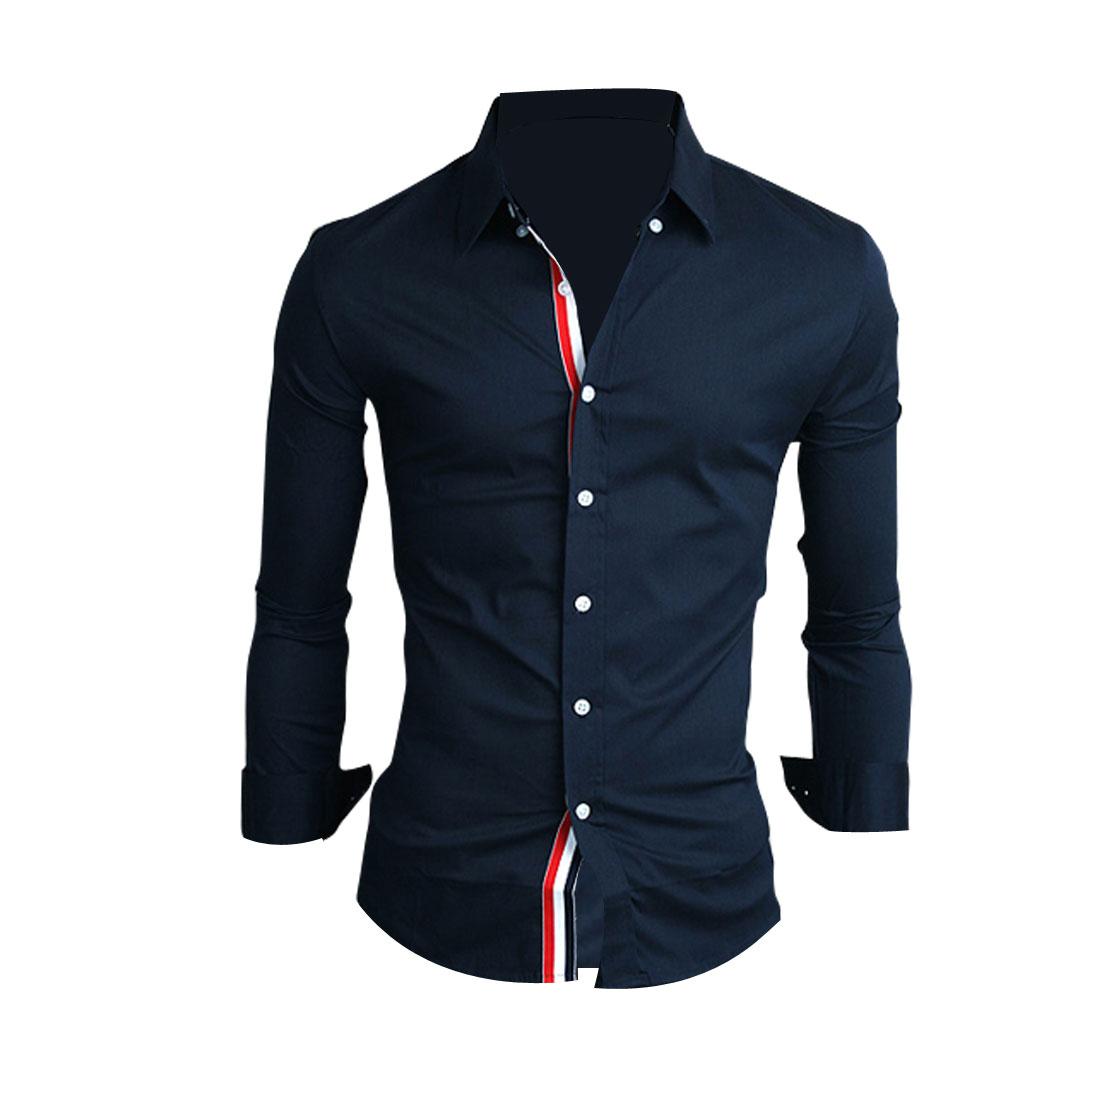 Mans Stylish Point Collar Stripes Detail Dark Blue Button Down Shirt M